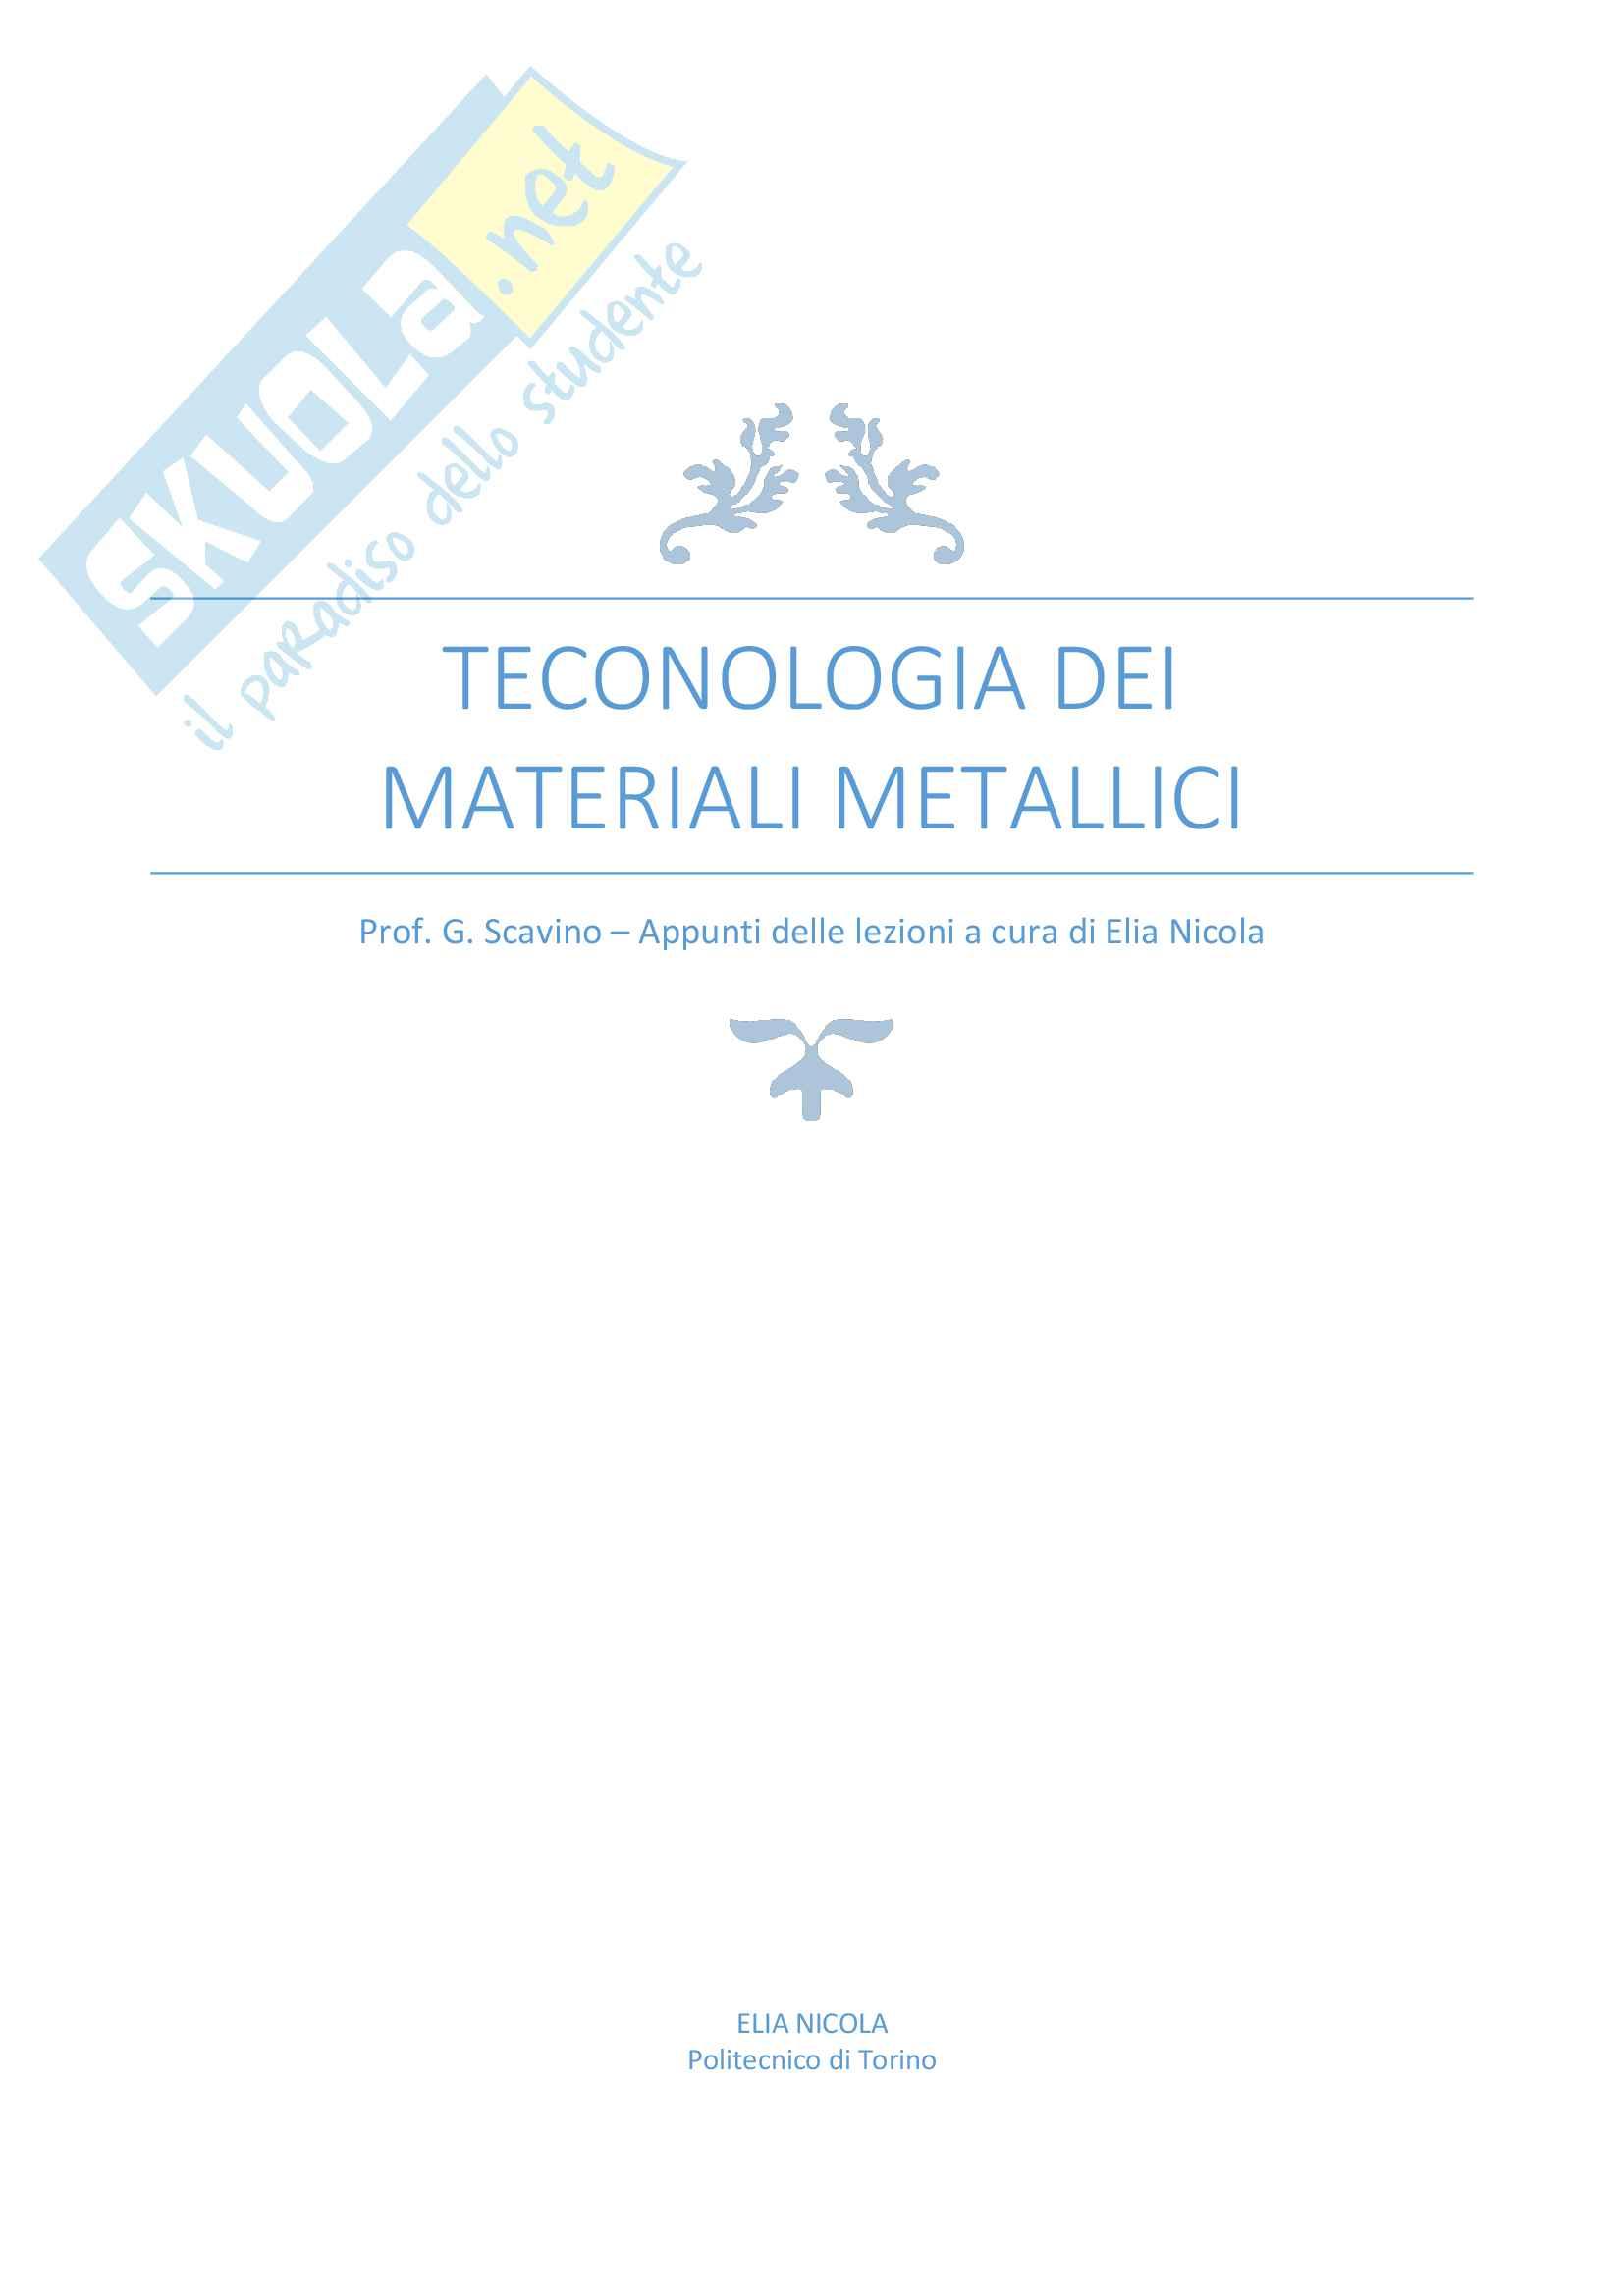 Tecnologia dei materiali metallici (Prof. Giorgio Scavino) PoliTo